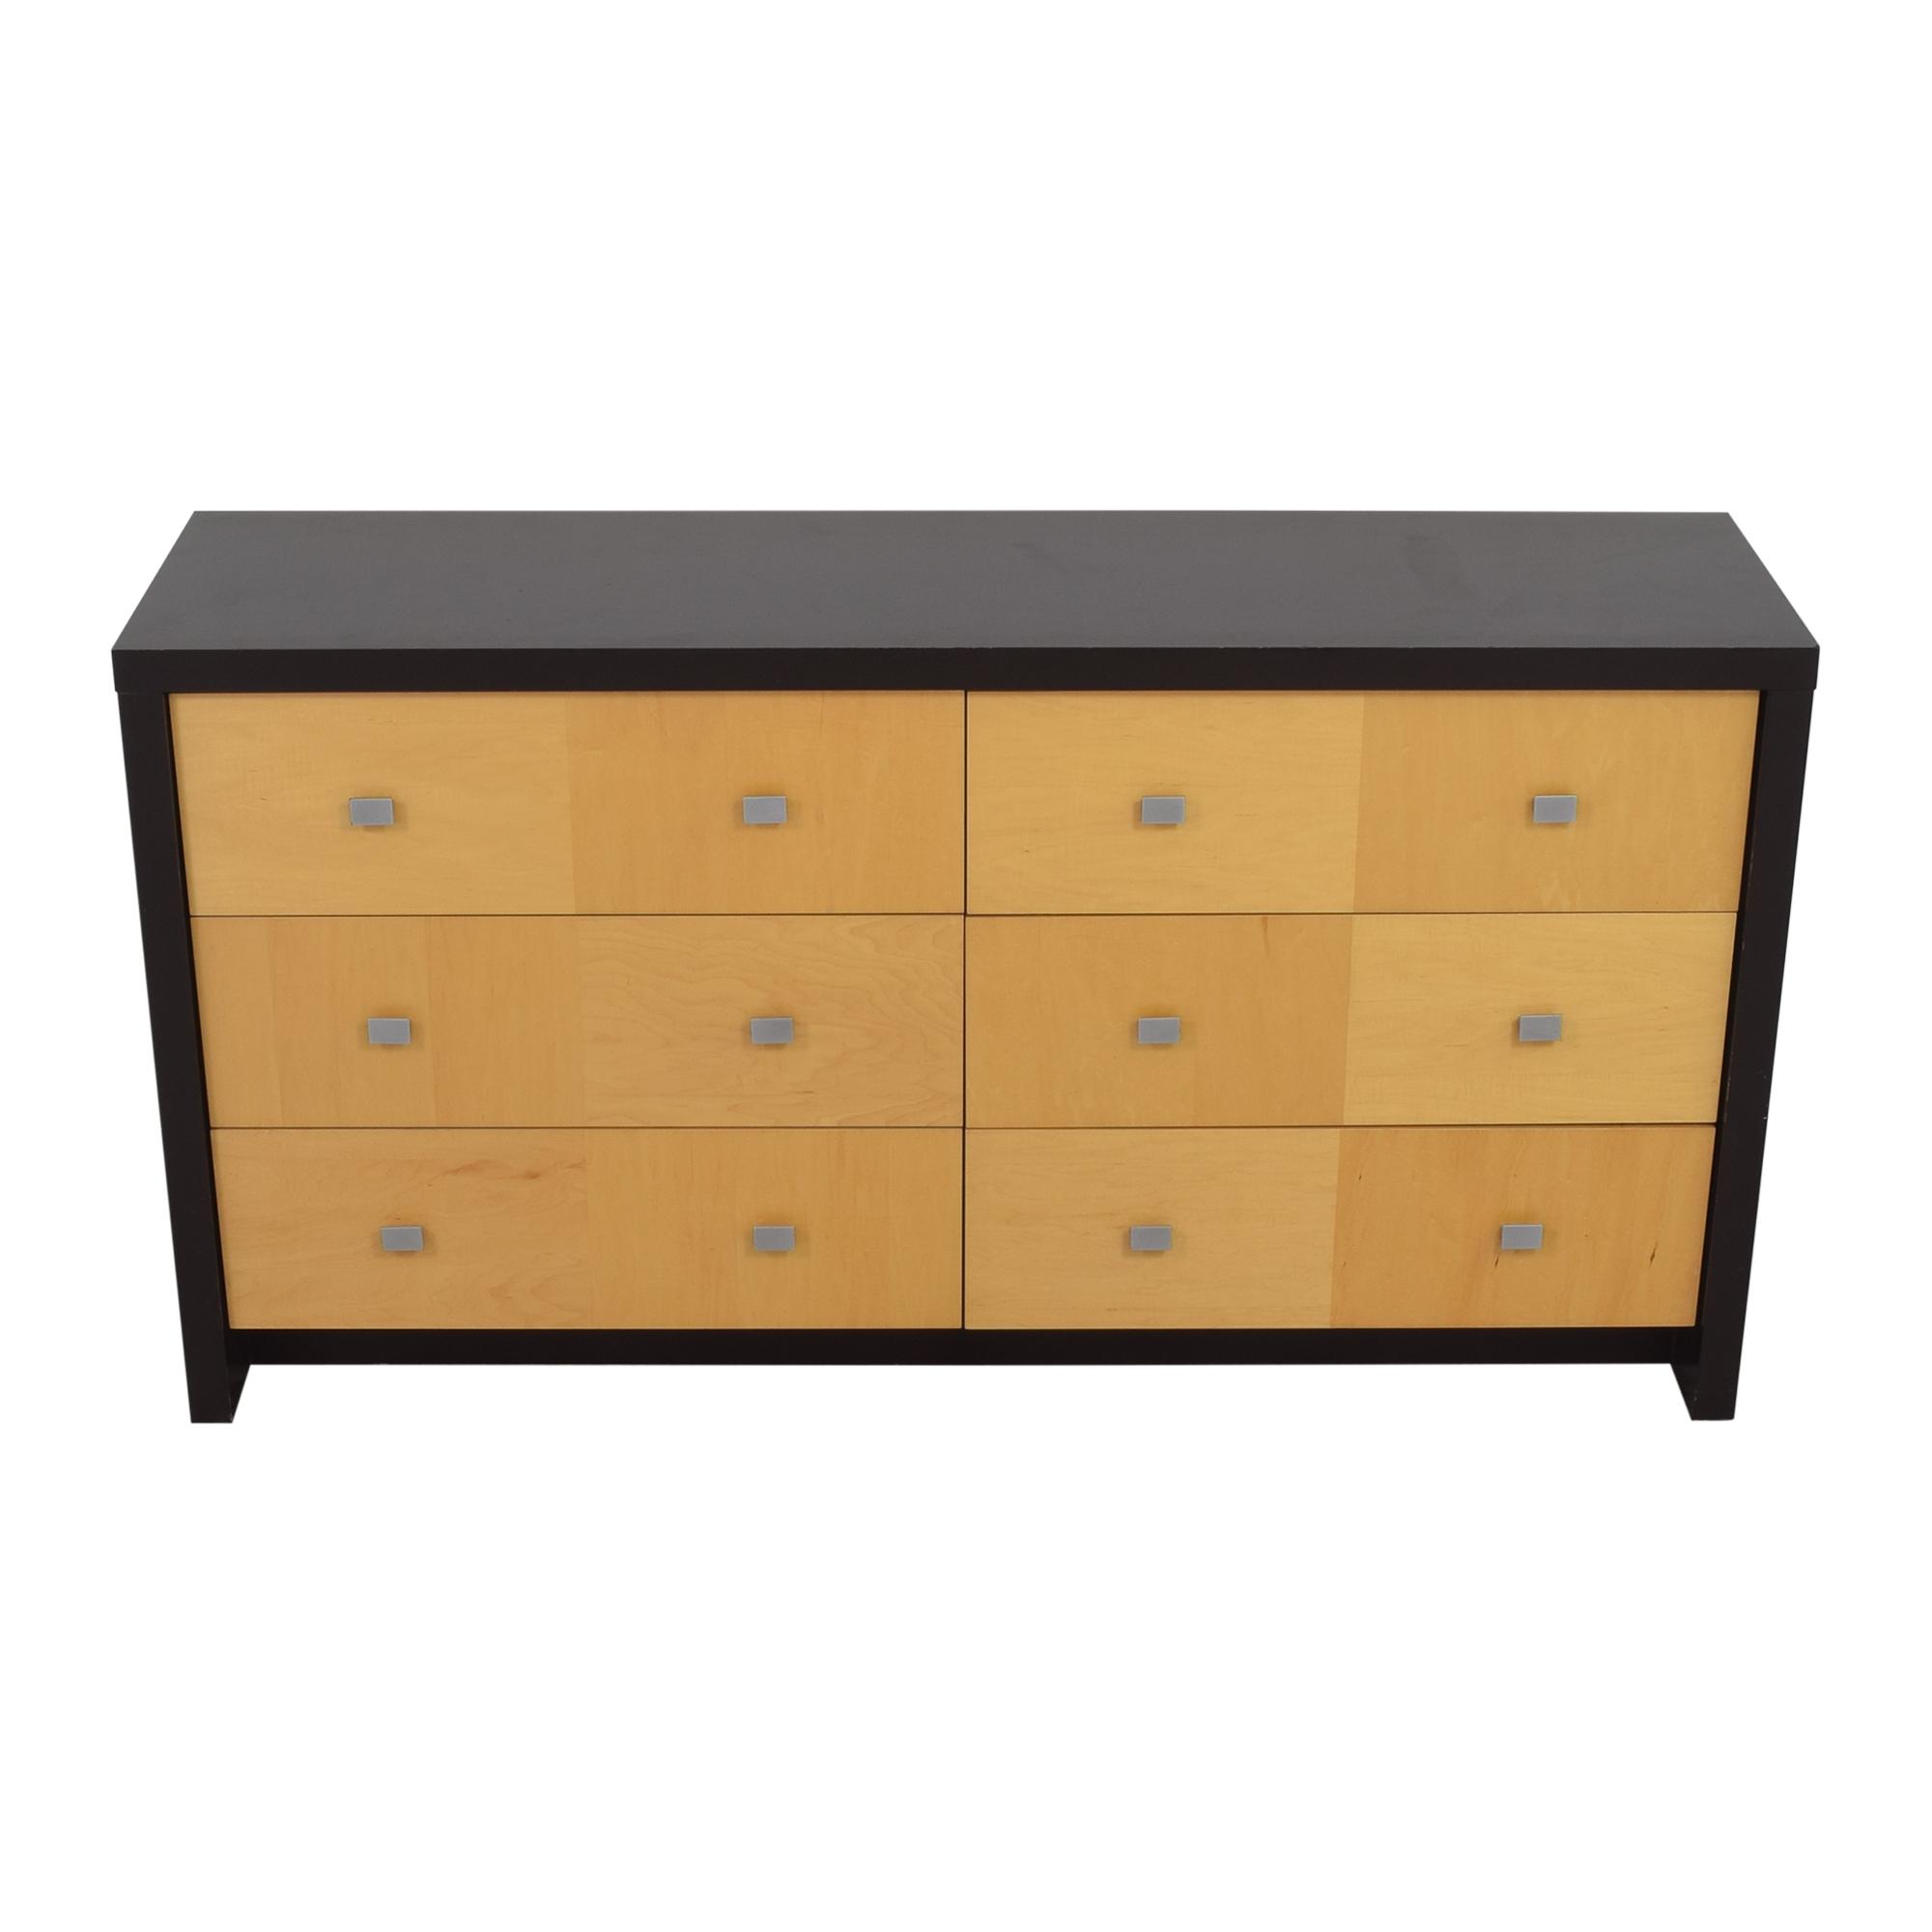 Palliser Six Drawer Dresser / Dressers